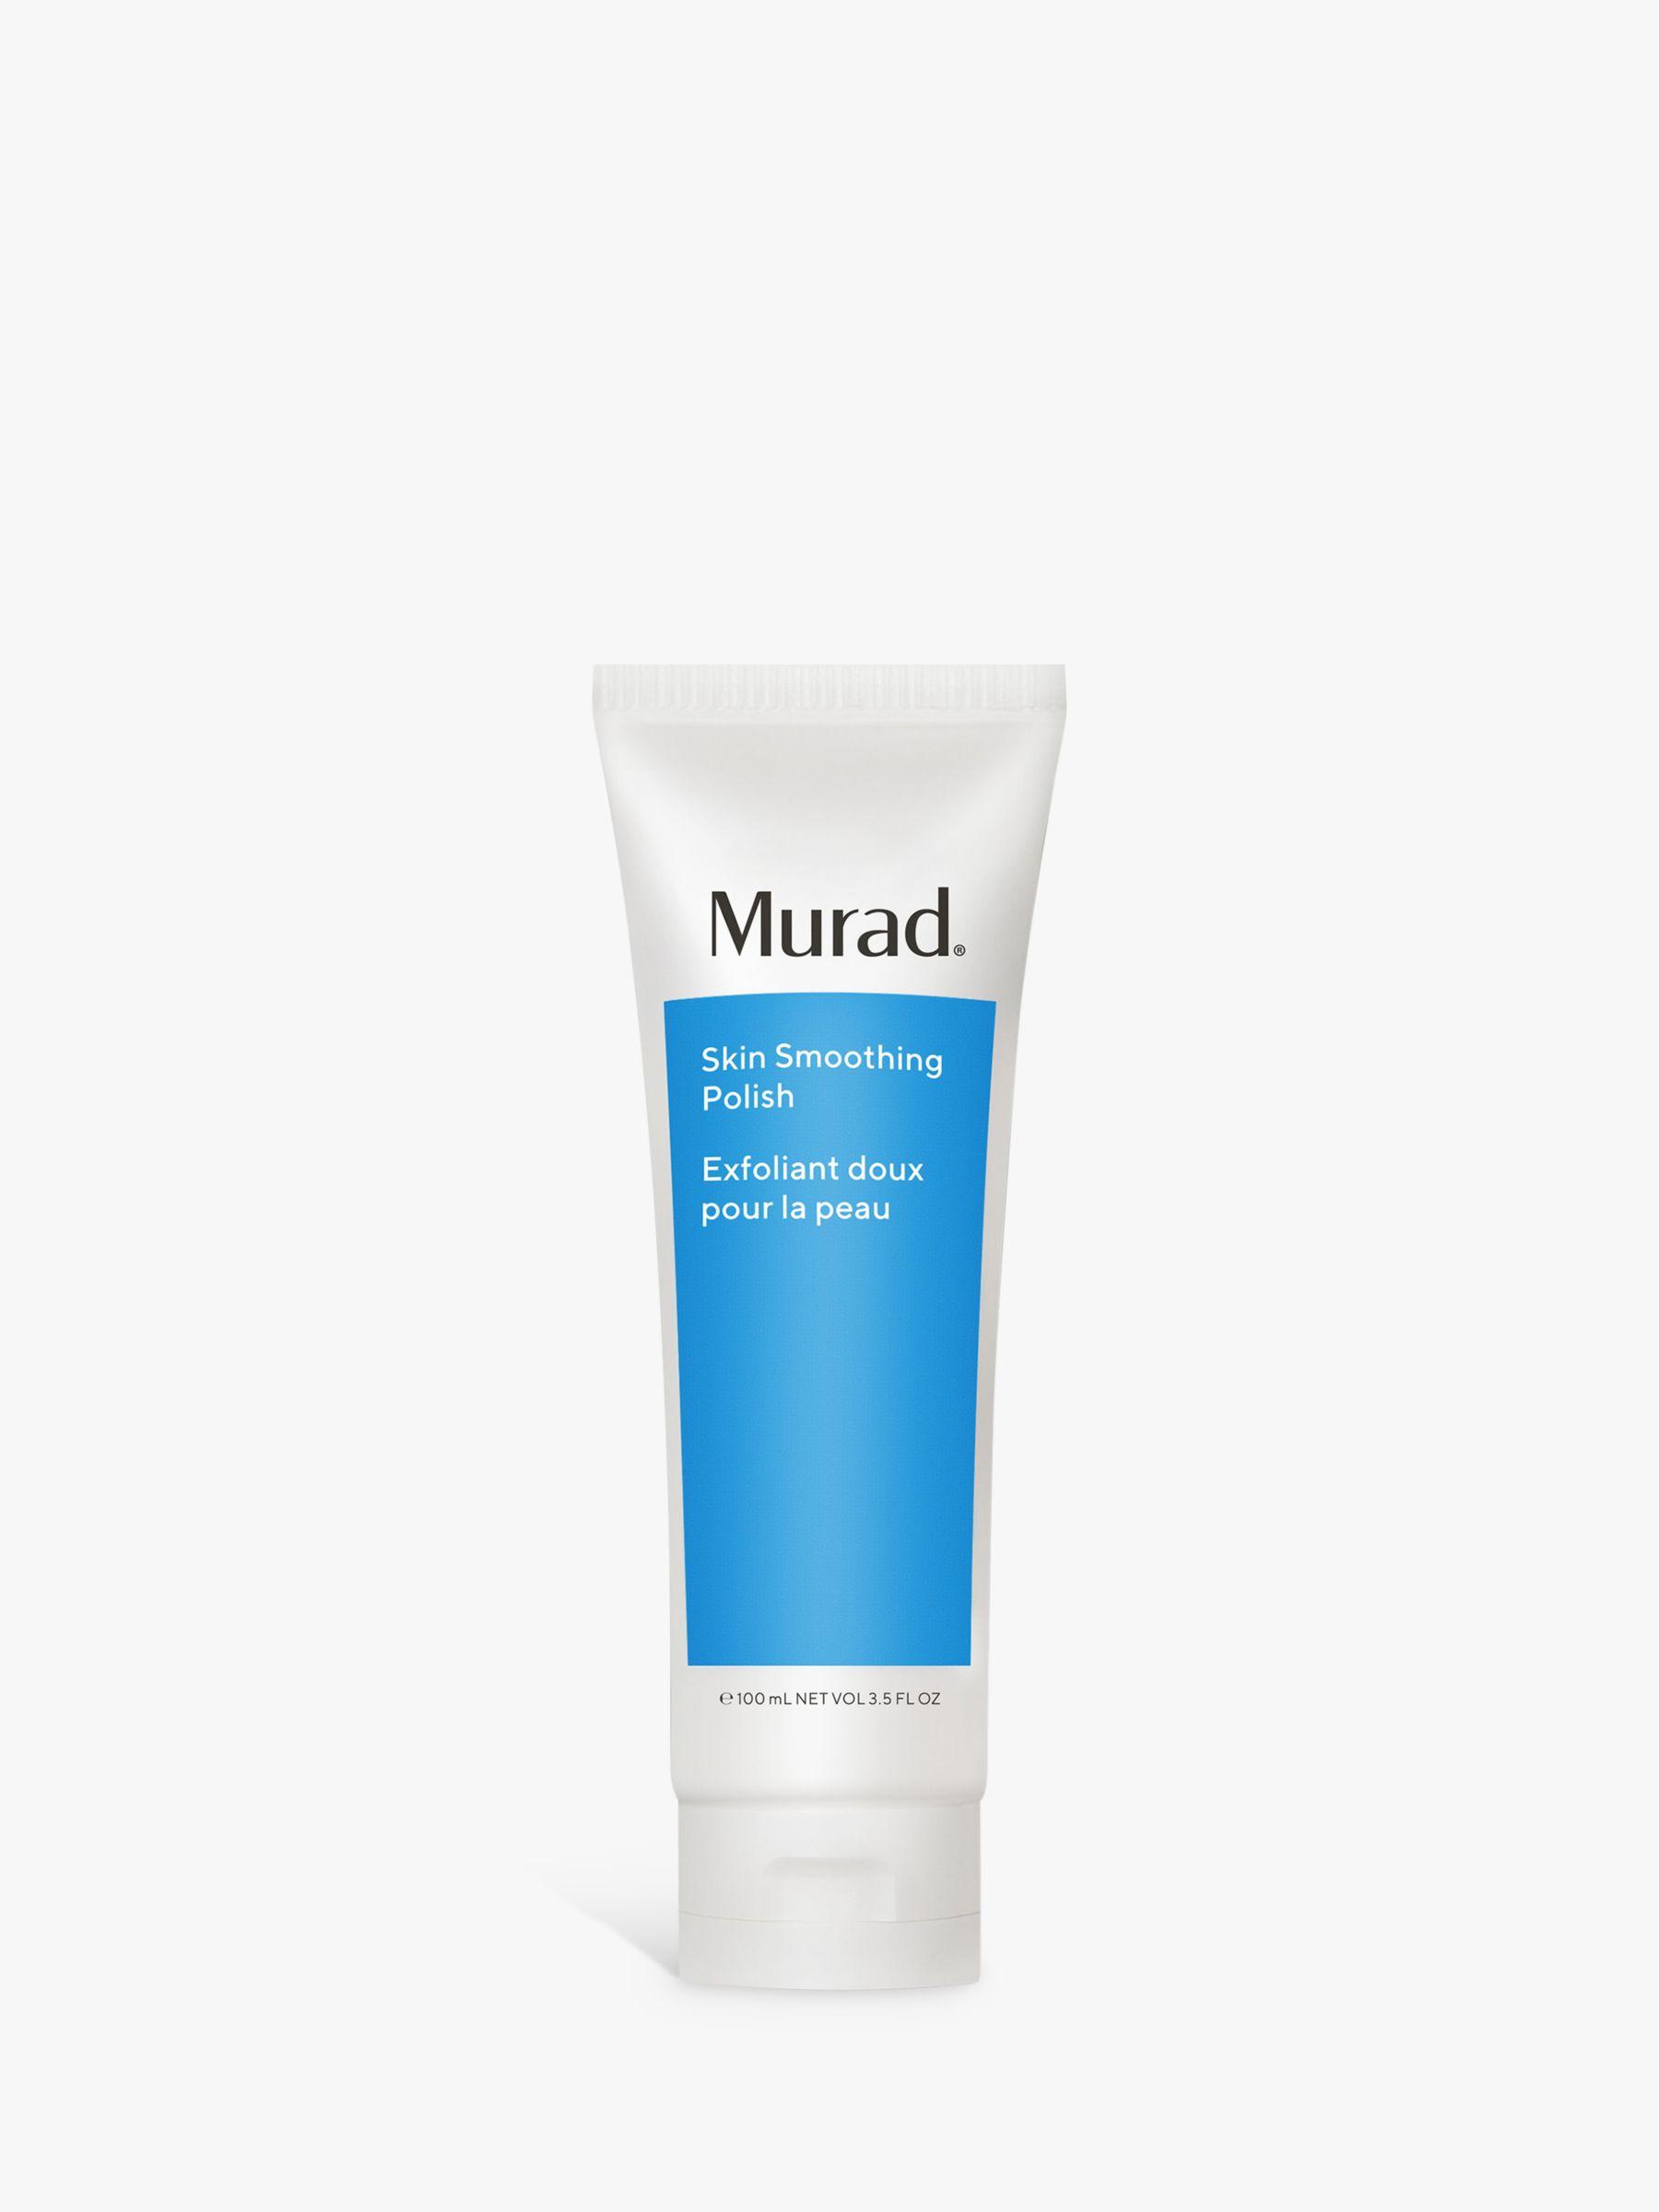 Murad Murad Skin Smoothing Polish, 100ml